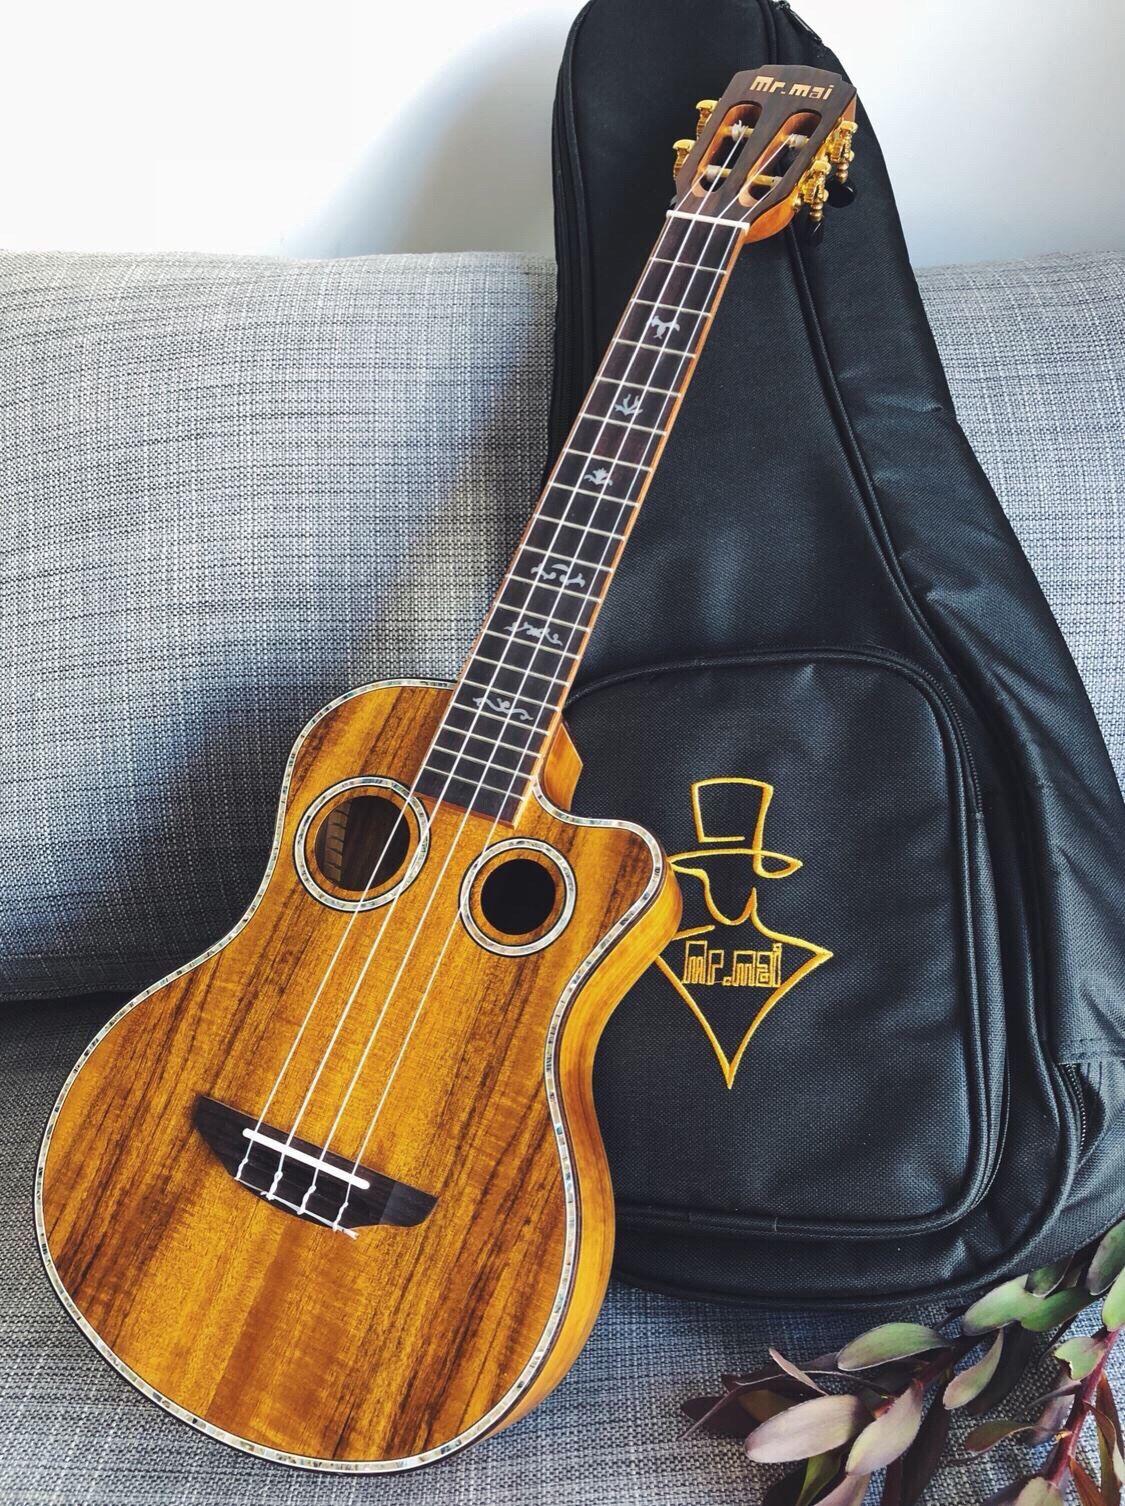 Mr.mai ML-T Tenor Ukulele 26 inch Ukulélé Koa Wood Mini Hawaii Guitar Double Sound Hole  Ukeleles With Gig Bag/Tuner/Strap/Capo enlarge